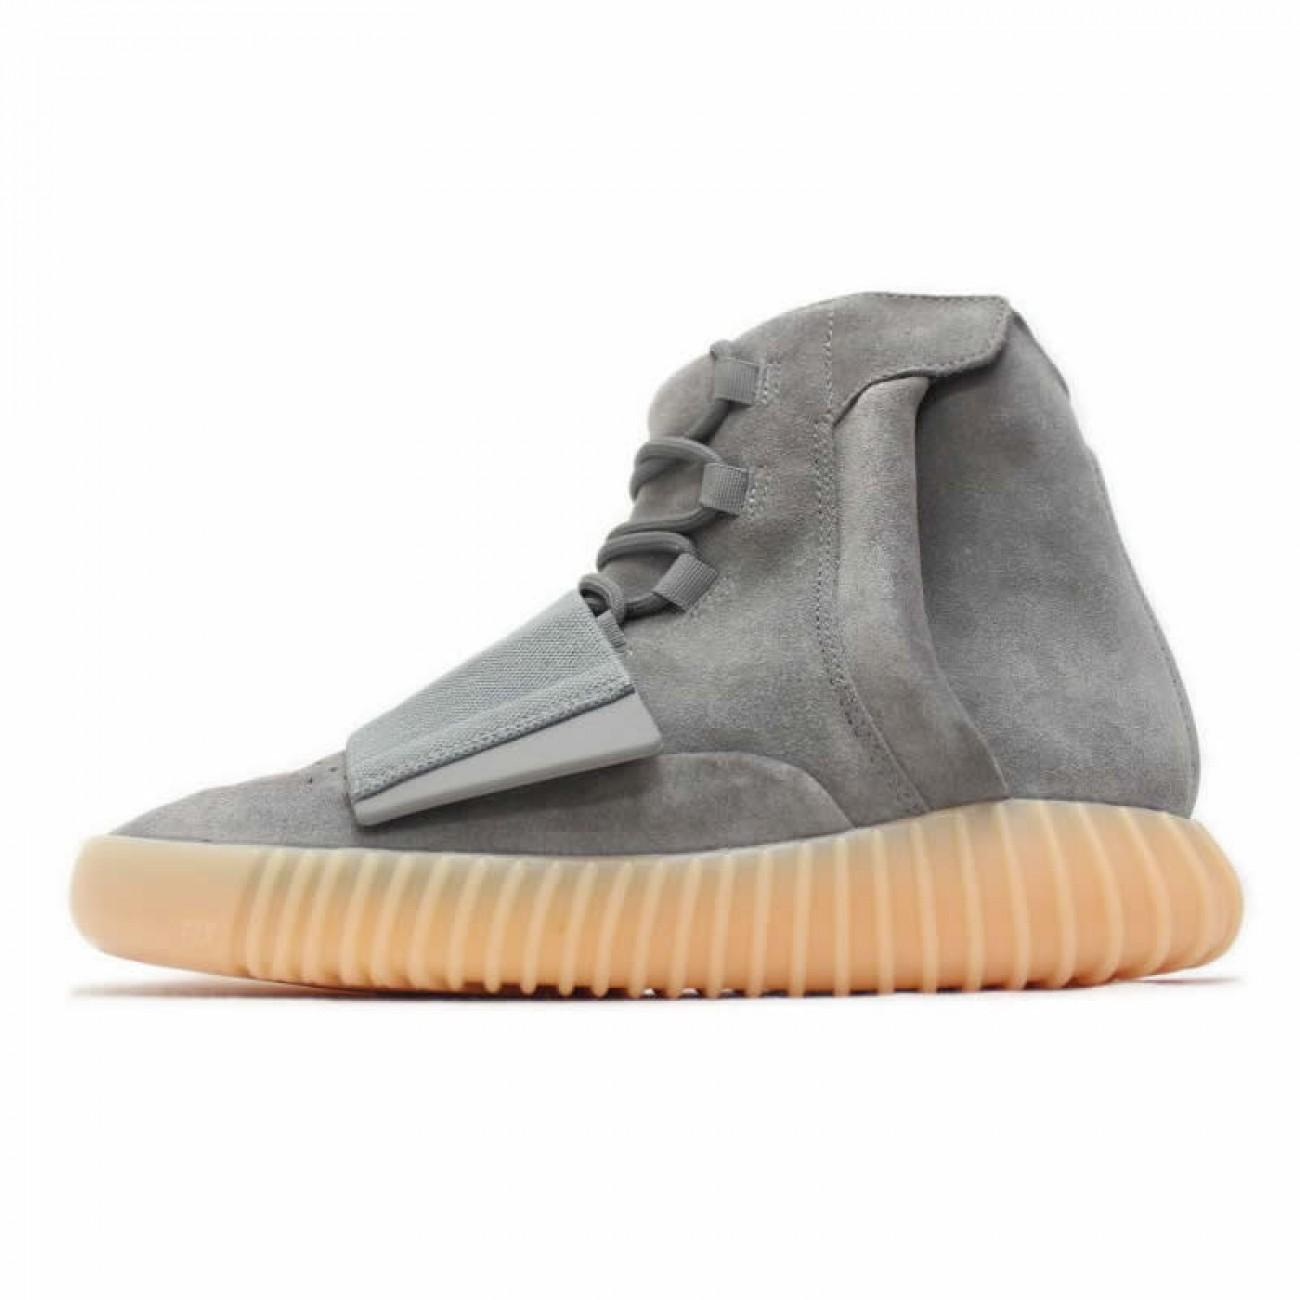 8d0ef842 Genuine Sneaker, Streetwear & Collector Items Online Store - UAE ...